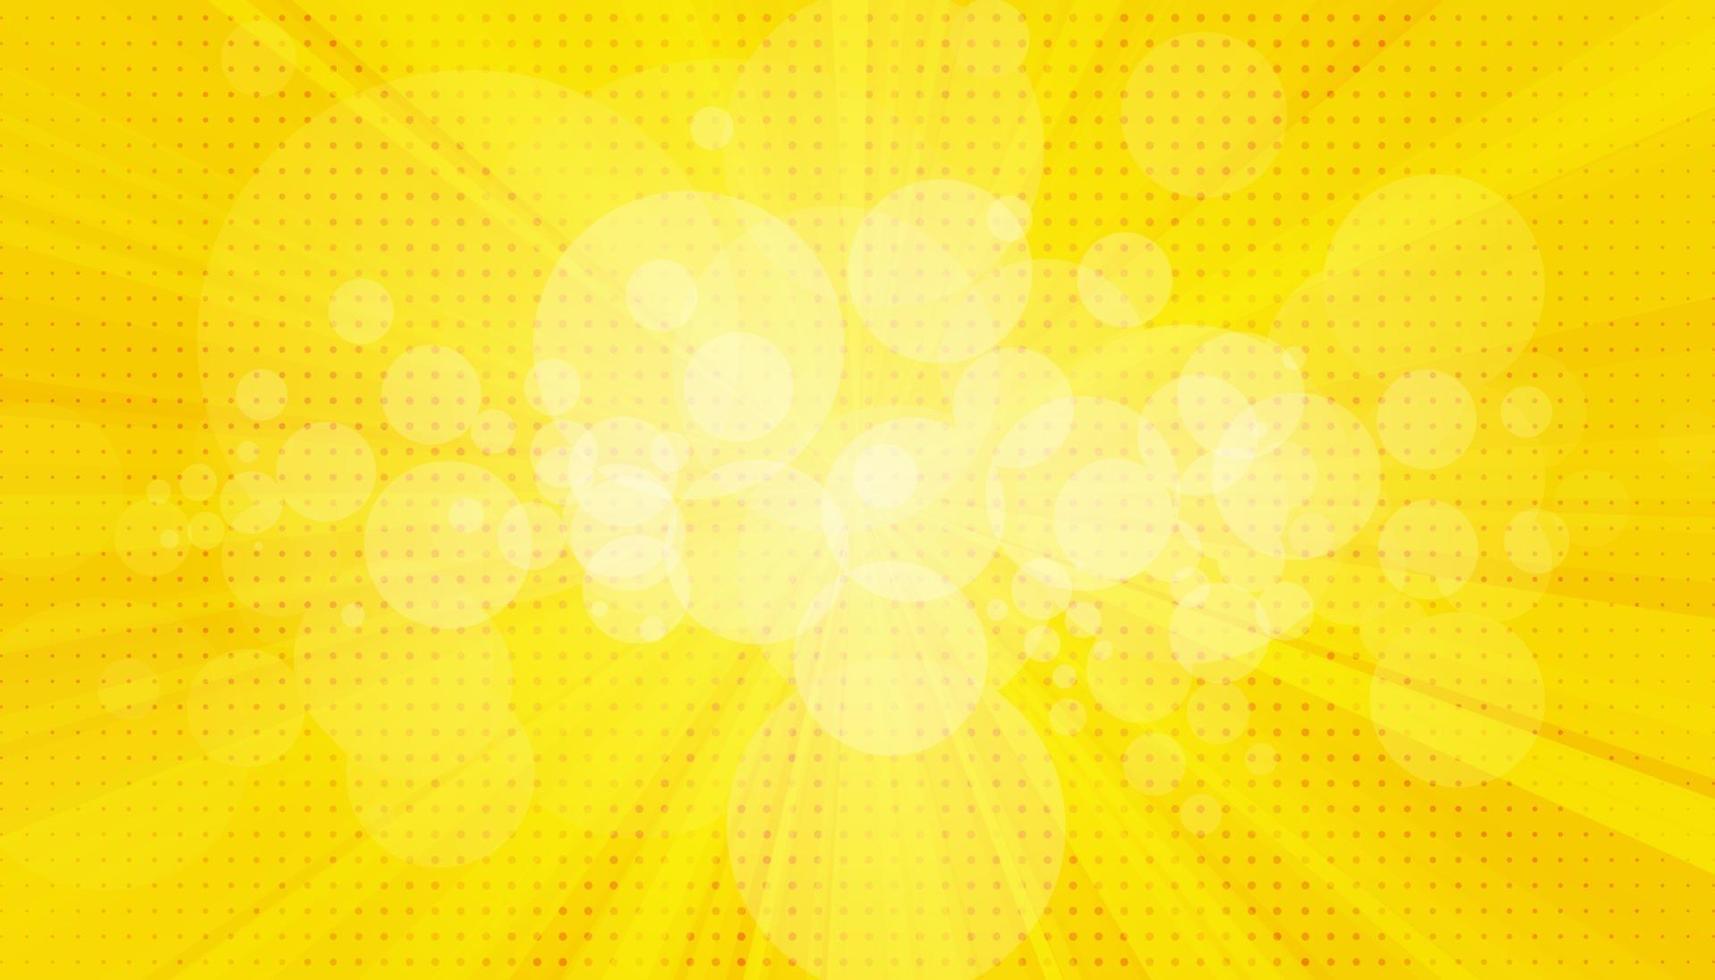 popart achtergrond. retro gestippelde achtergrond. vector illustratie. halftoon geel pop-art